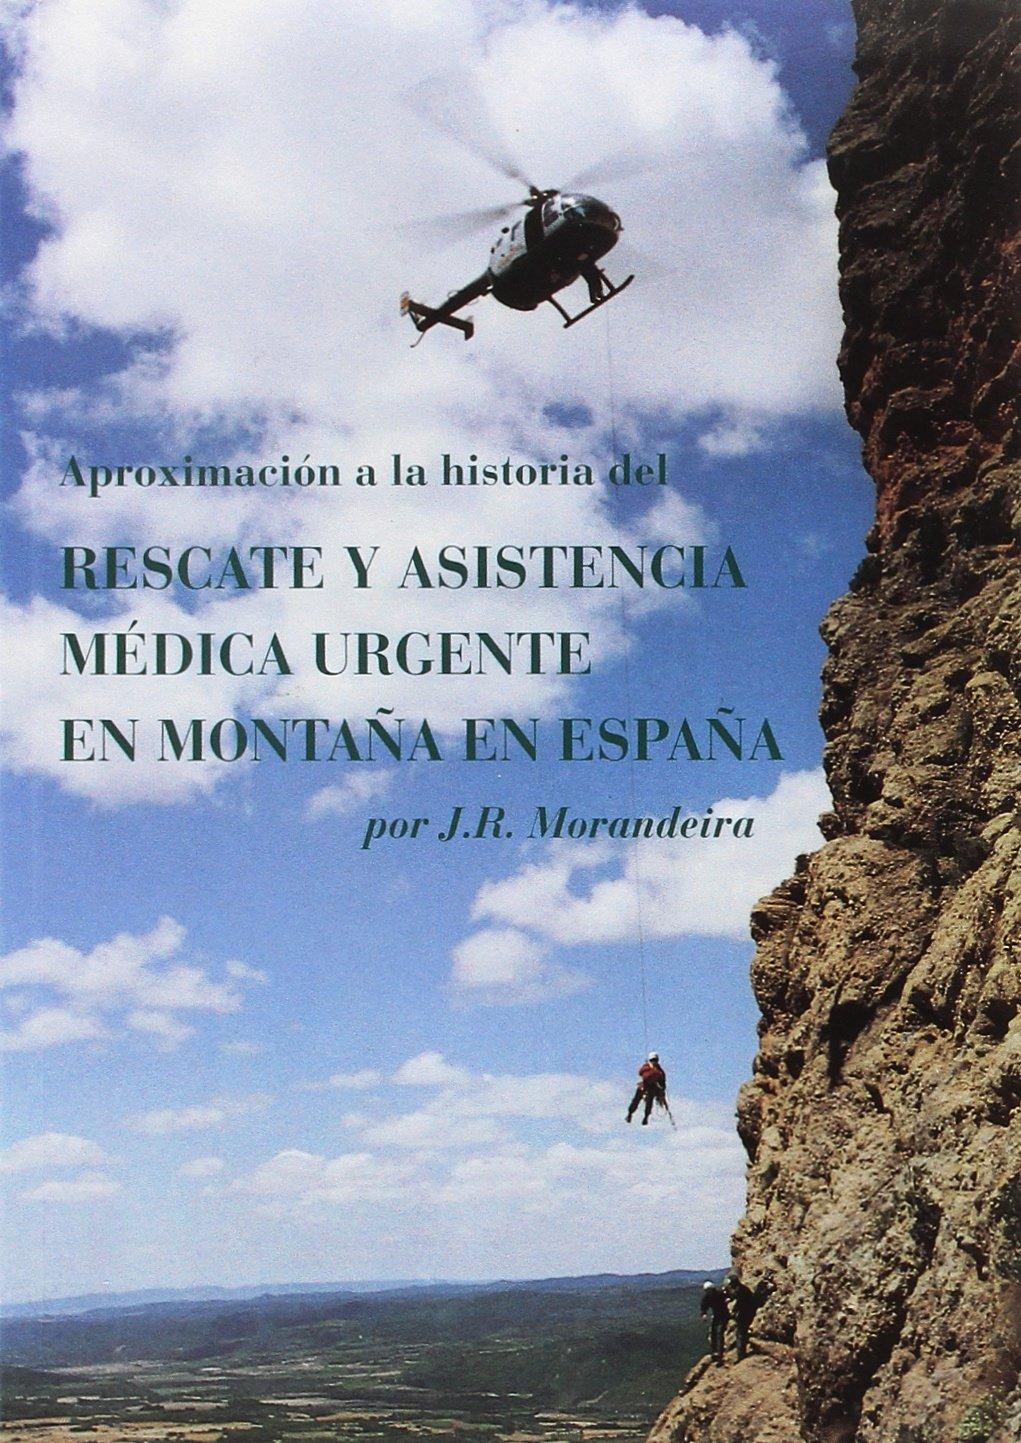 Aproximación a la historia del rescate y la asistencia médica urgente en montaña en España: Amazon.es: J. R. Morandeira, J. R. Morandeira: Libros